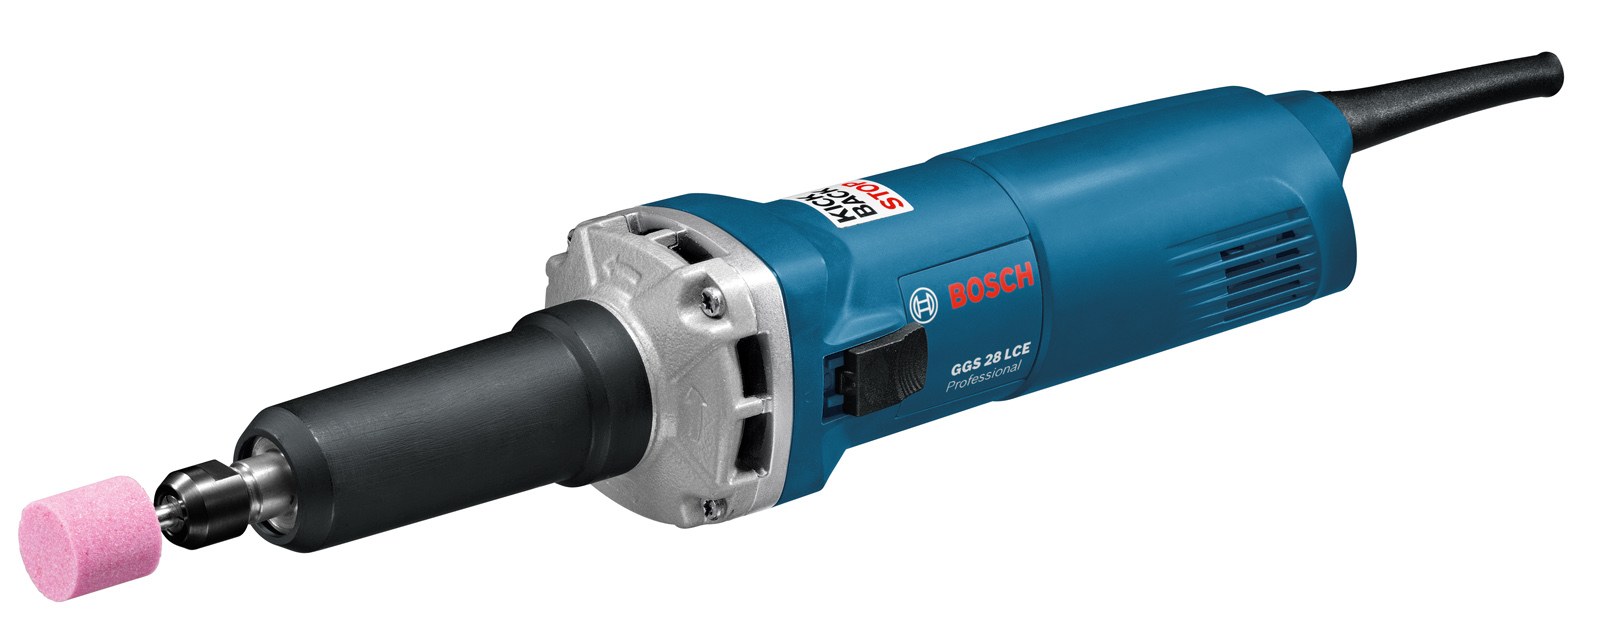 Машинка шлифовальная прямая Bosch Ggs 28 lce (0.601.221.100) инструментальный микрофон shure sm57 lce